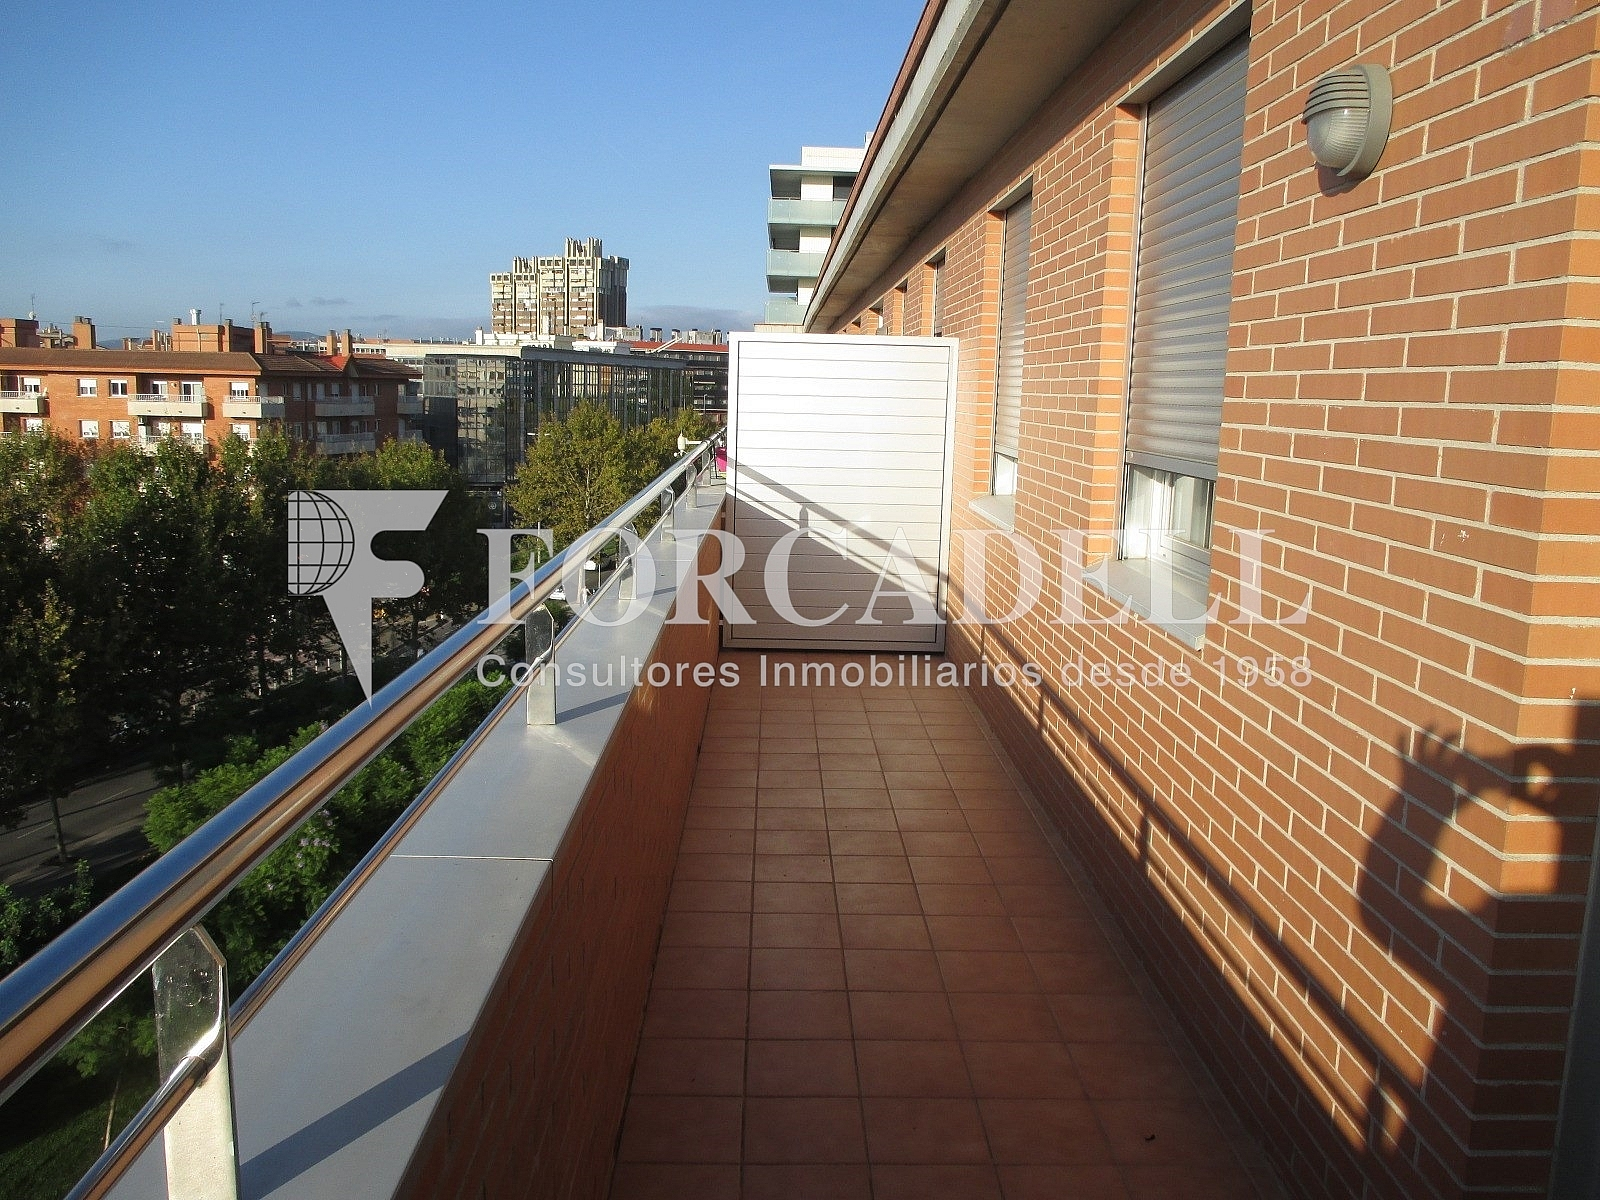 IMG_2691 - Piso en alquiler en calle Merce Rodoreda, Can clota en Esplugues de Llobregat - 331432113